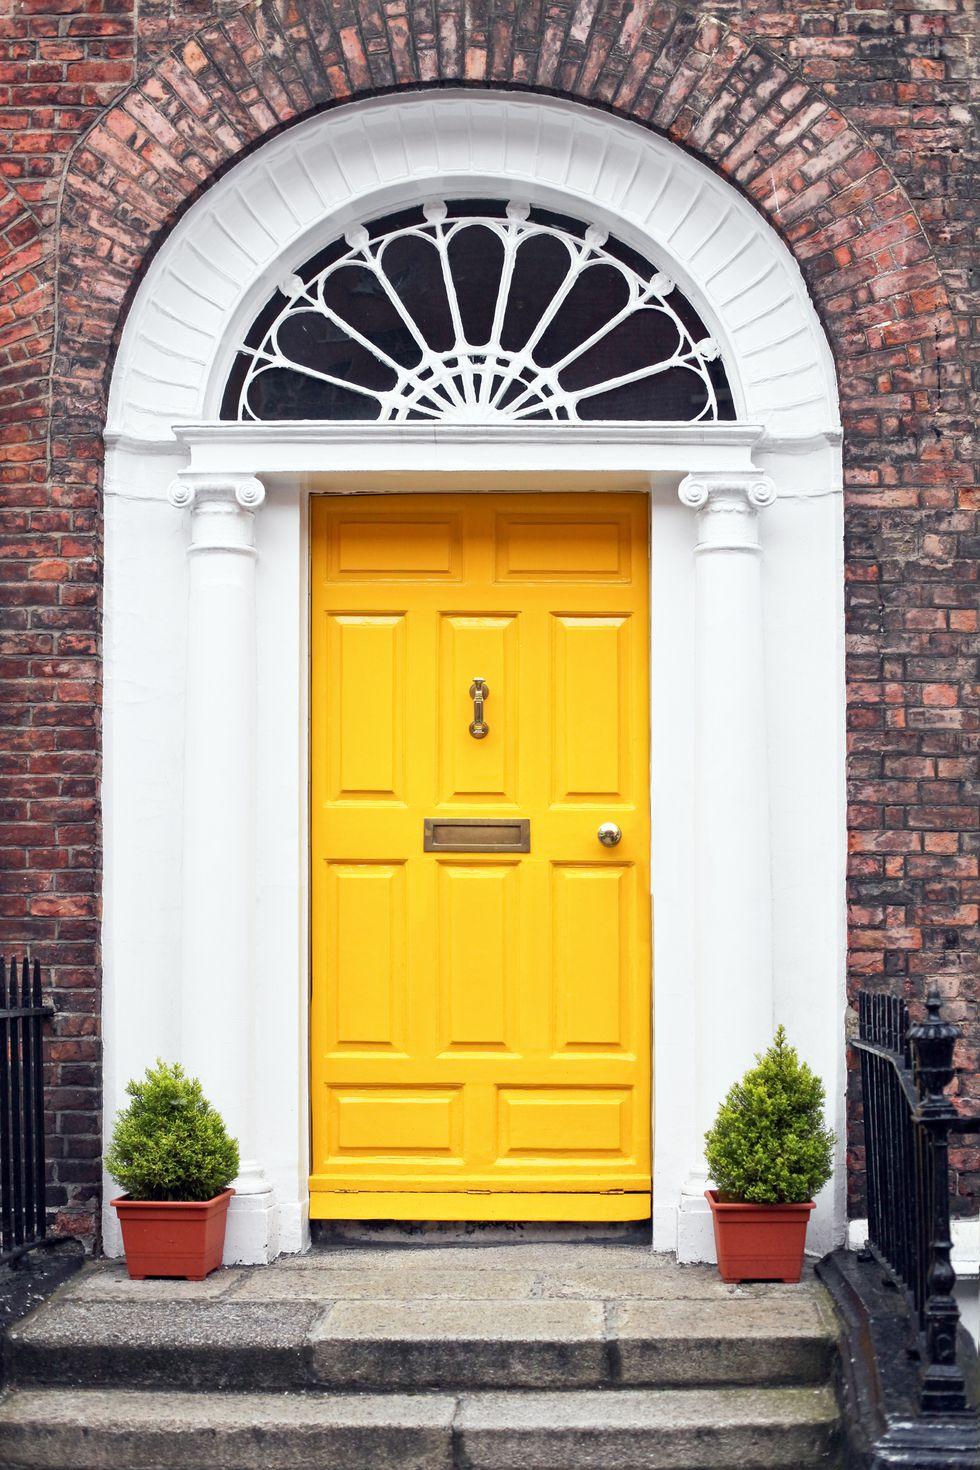 1516890939-yellow-front-door